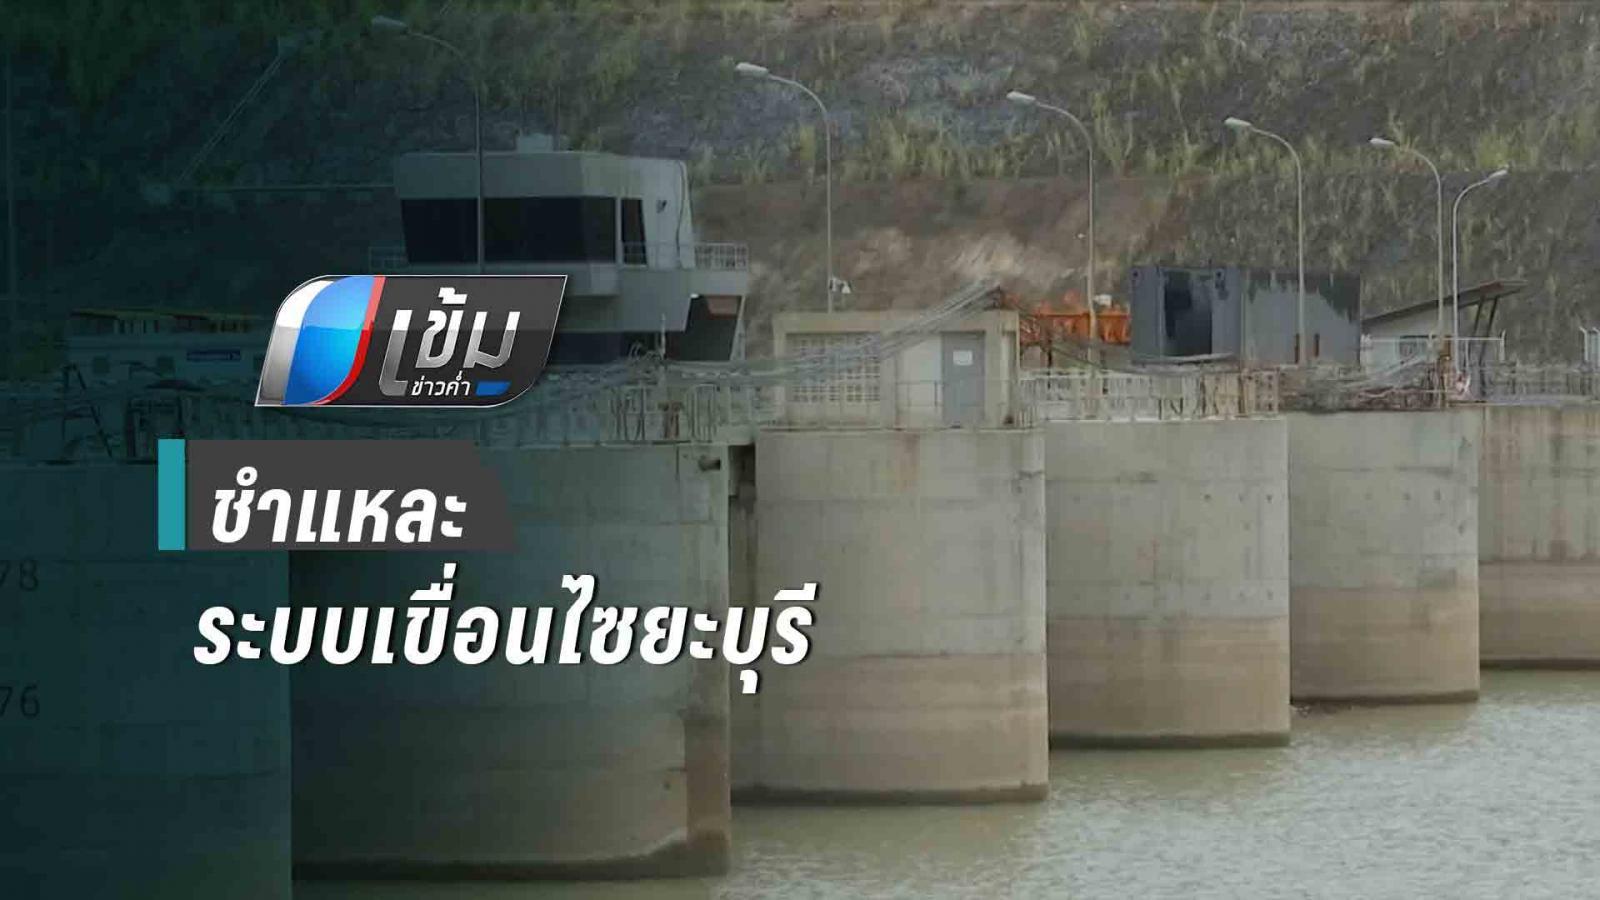 ชำแหละระบบเขื่อนไซยะบุรี หาสาเหตุแม่น้ำโขงแล้ง